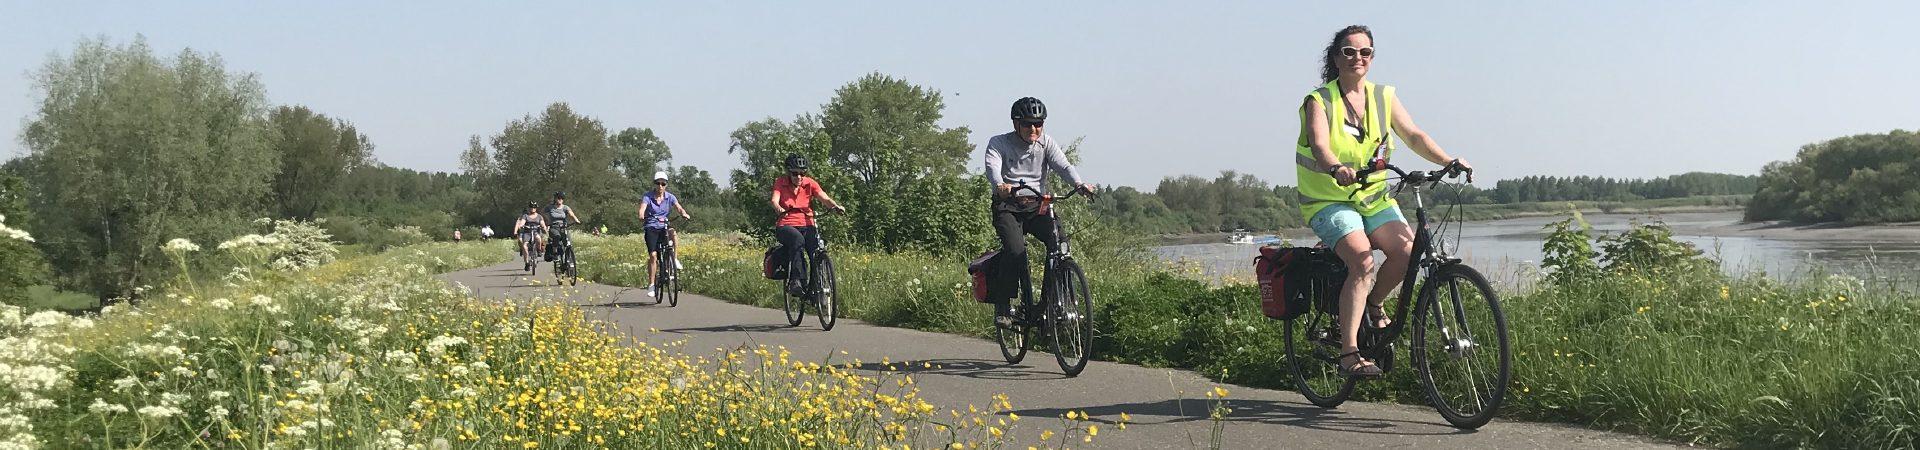 fietsroute reviews belgië